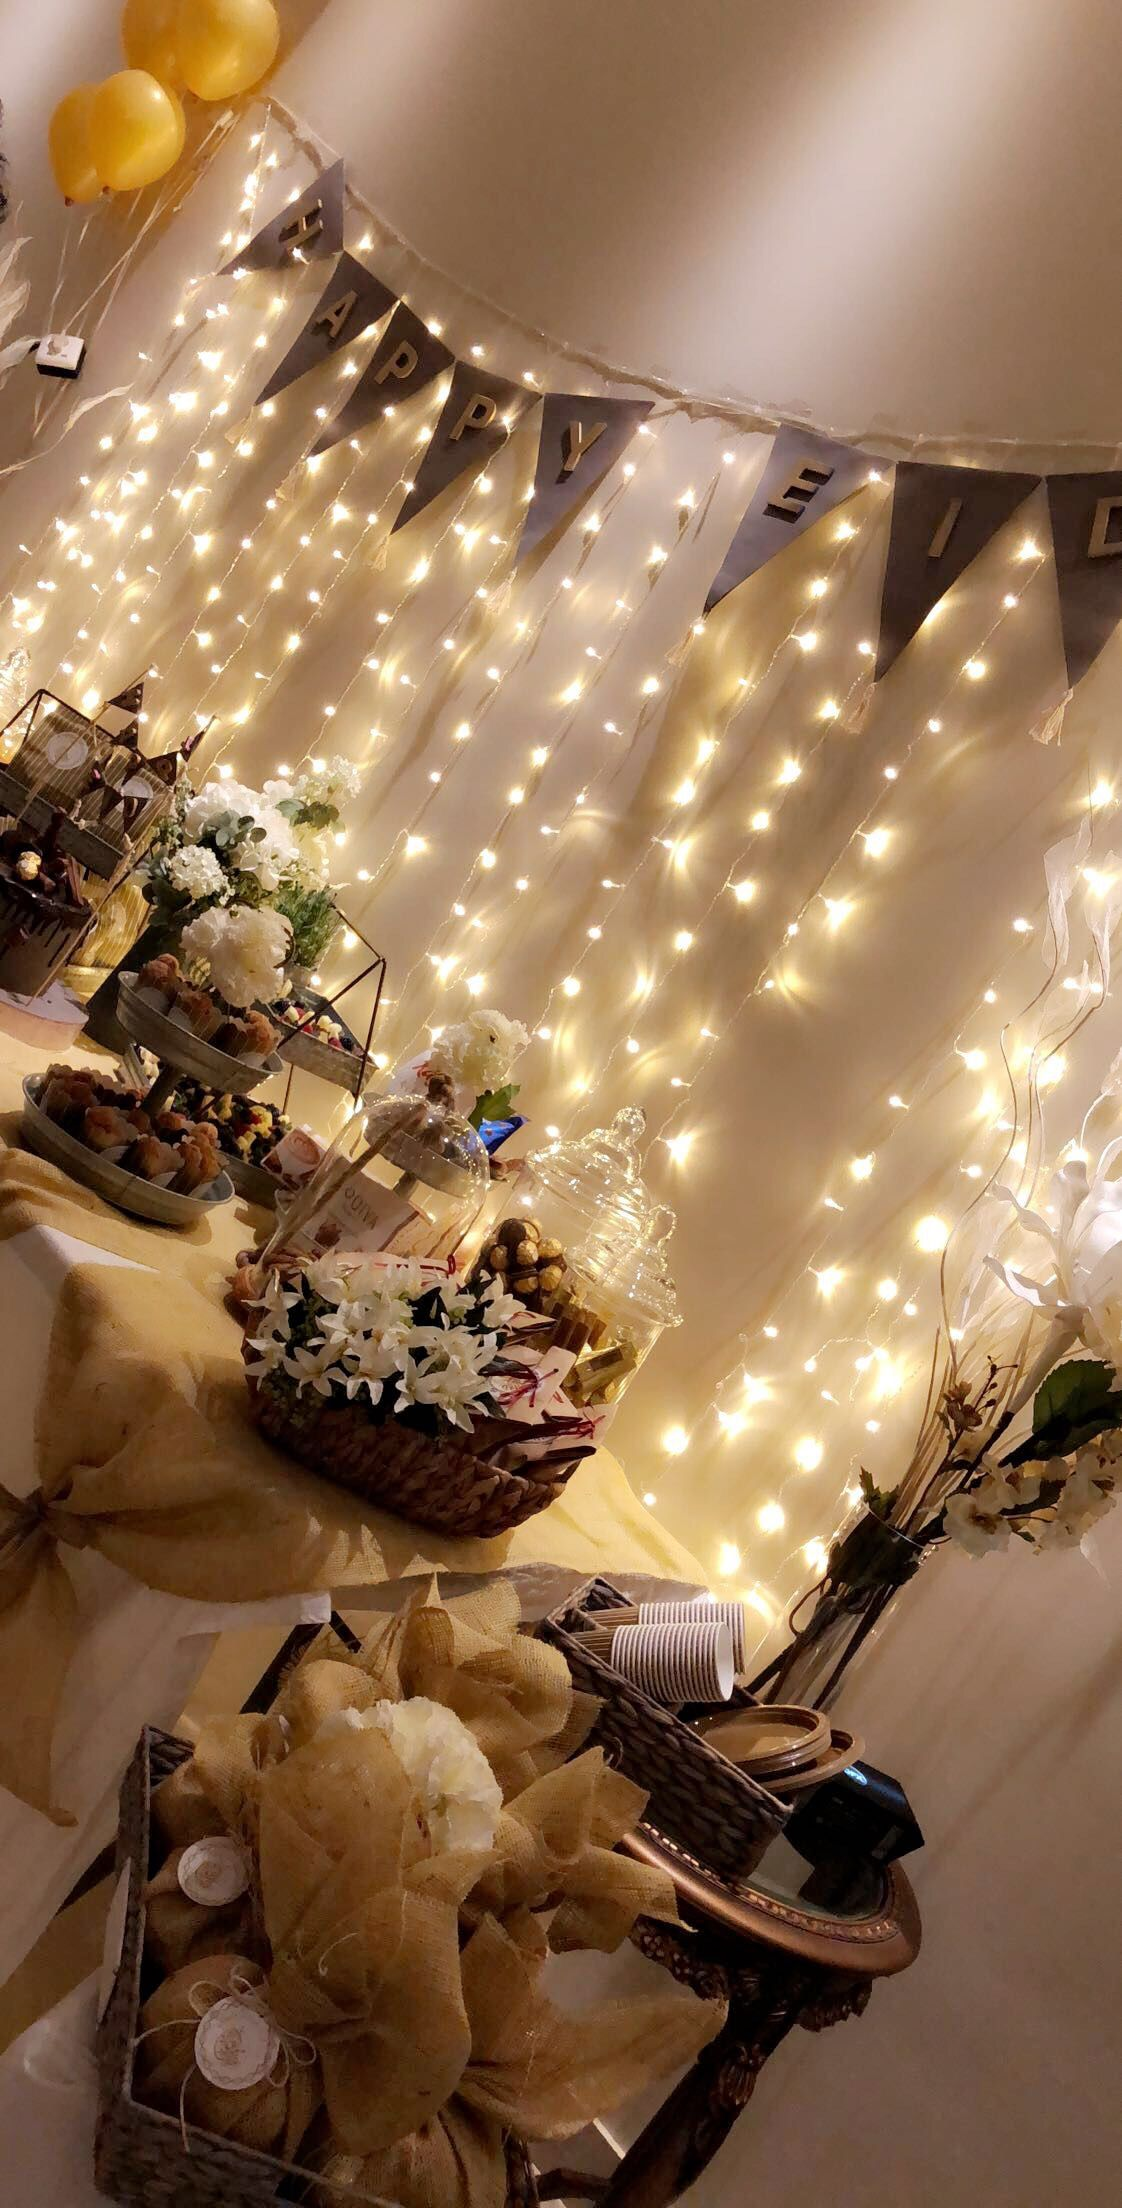 حفلة عيد الفطر المبارك ٢٠١٨ Happy Eid Eid Decoration Eid Gifts Eid Crafts